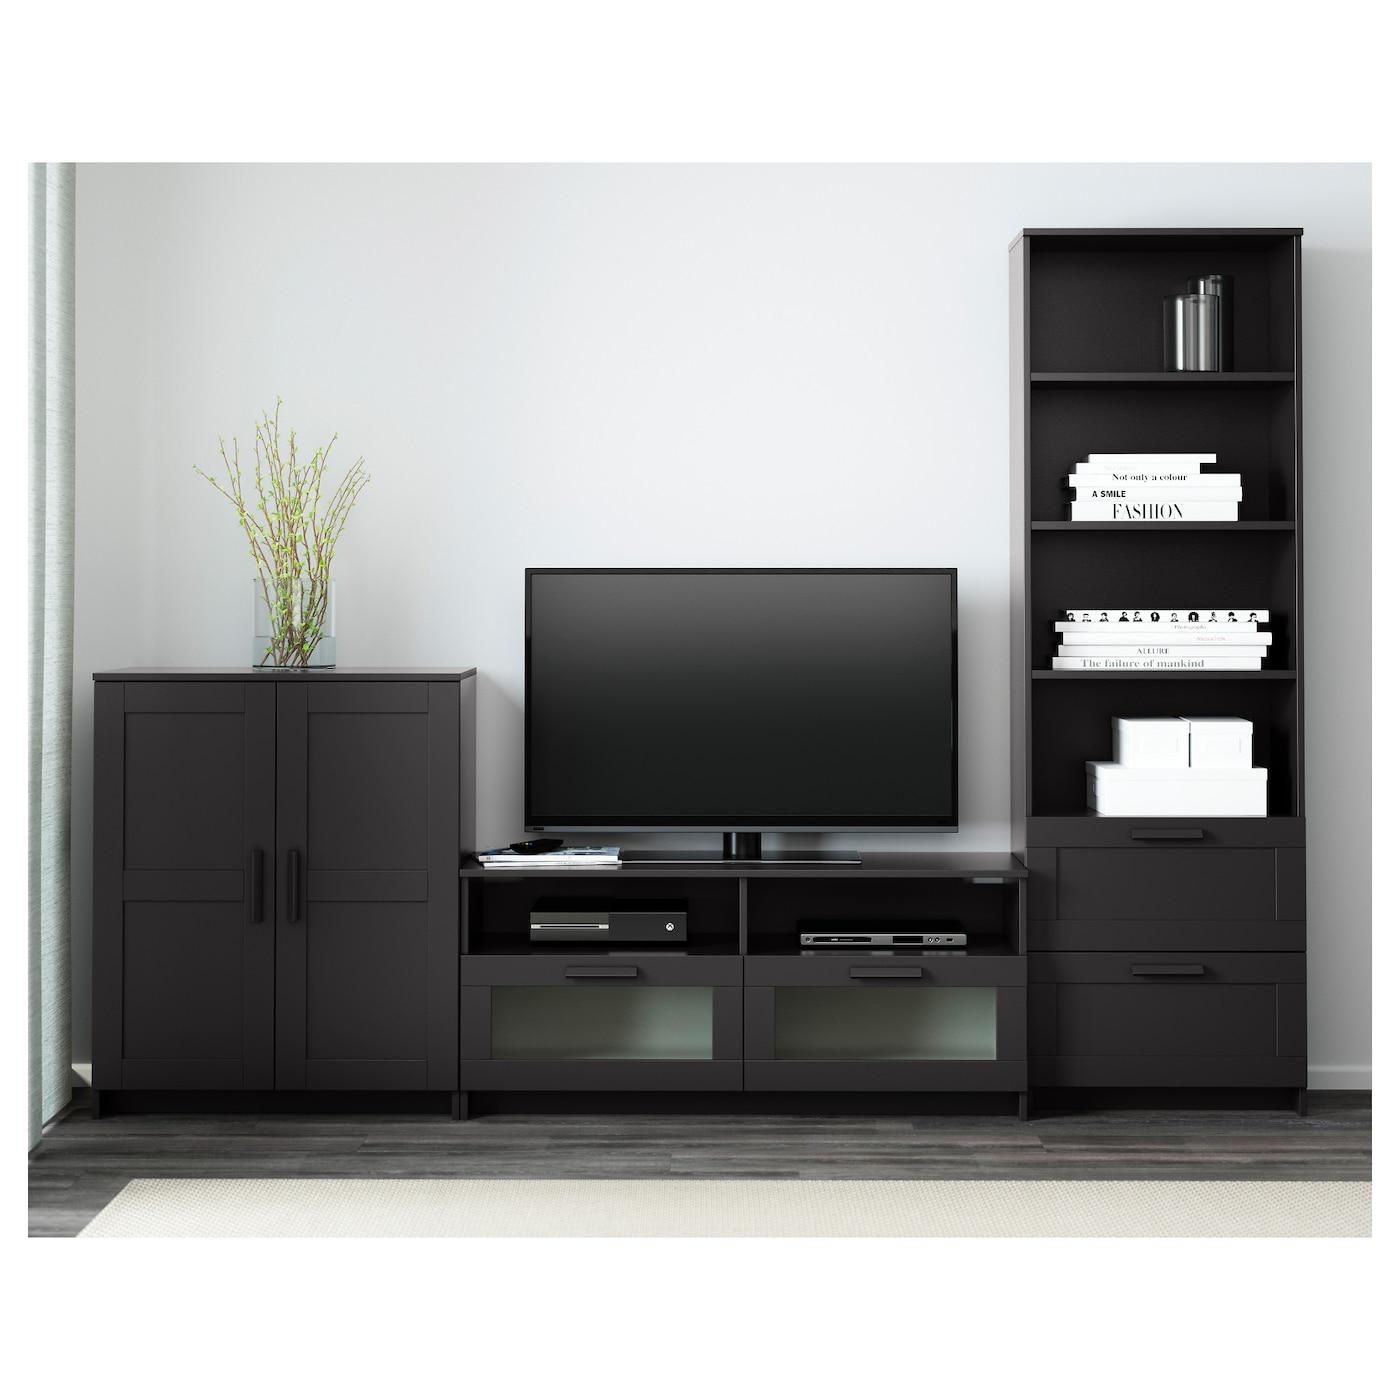 Brimnes mueble tv con almacenaje negro 258 x 41 x 190 cm for Mueble tv ikea